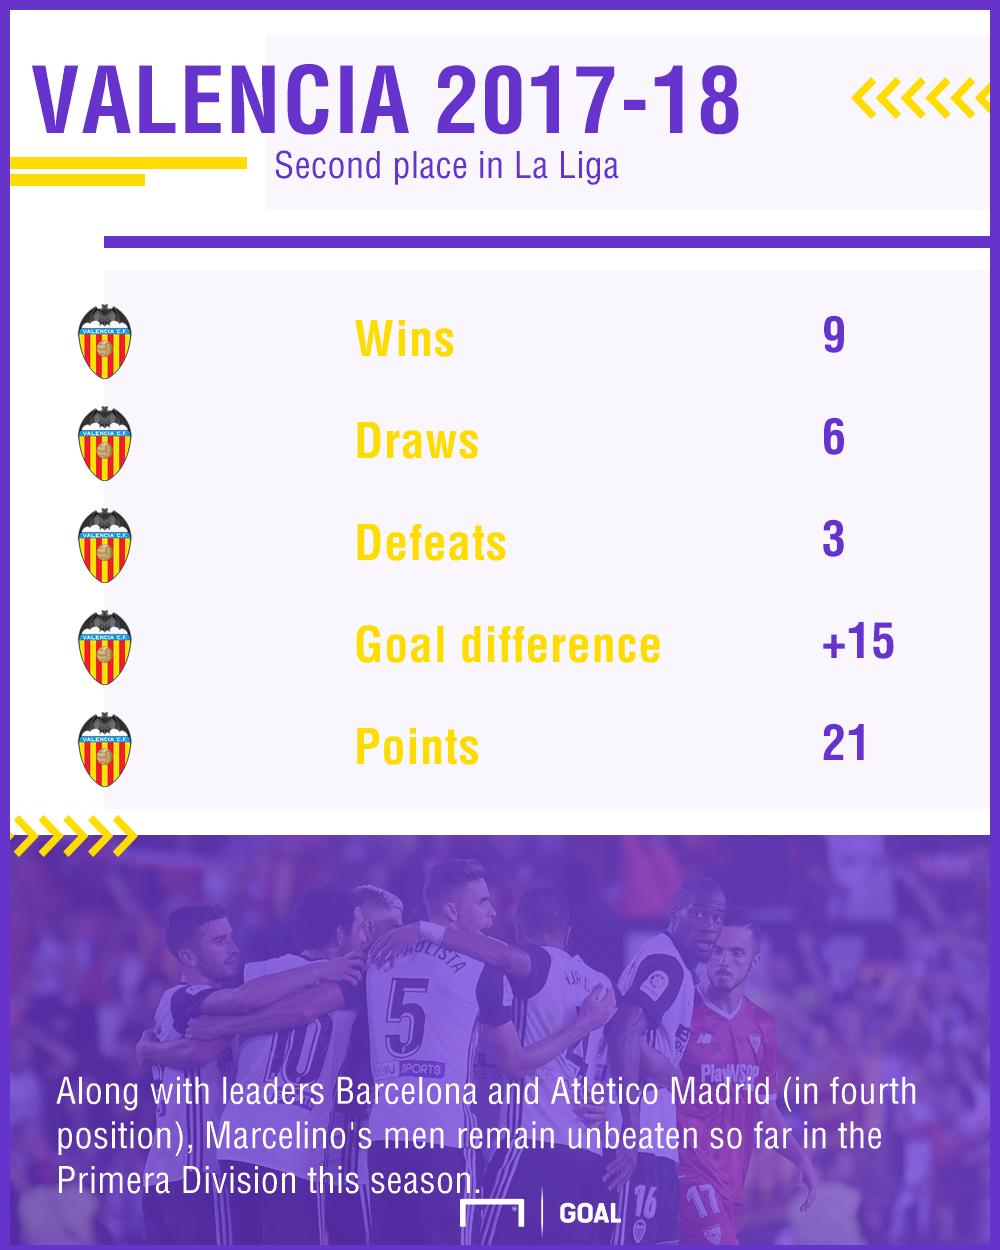 Valencia graphic